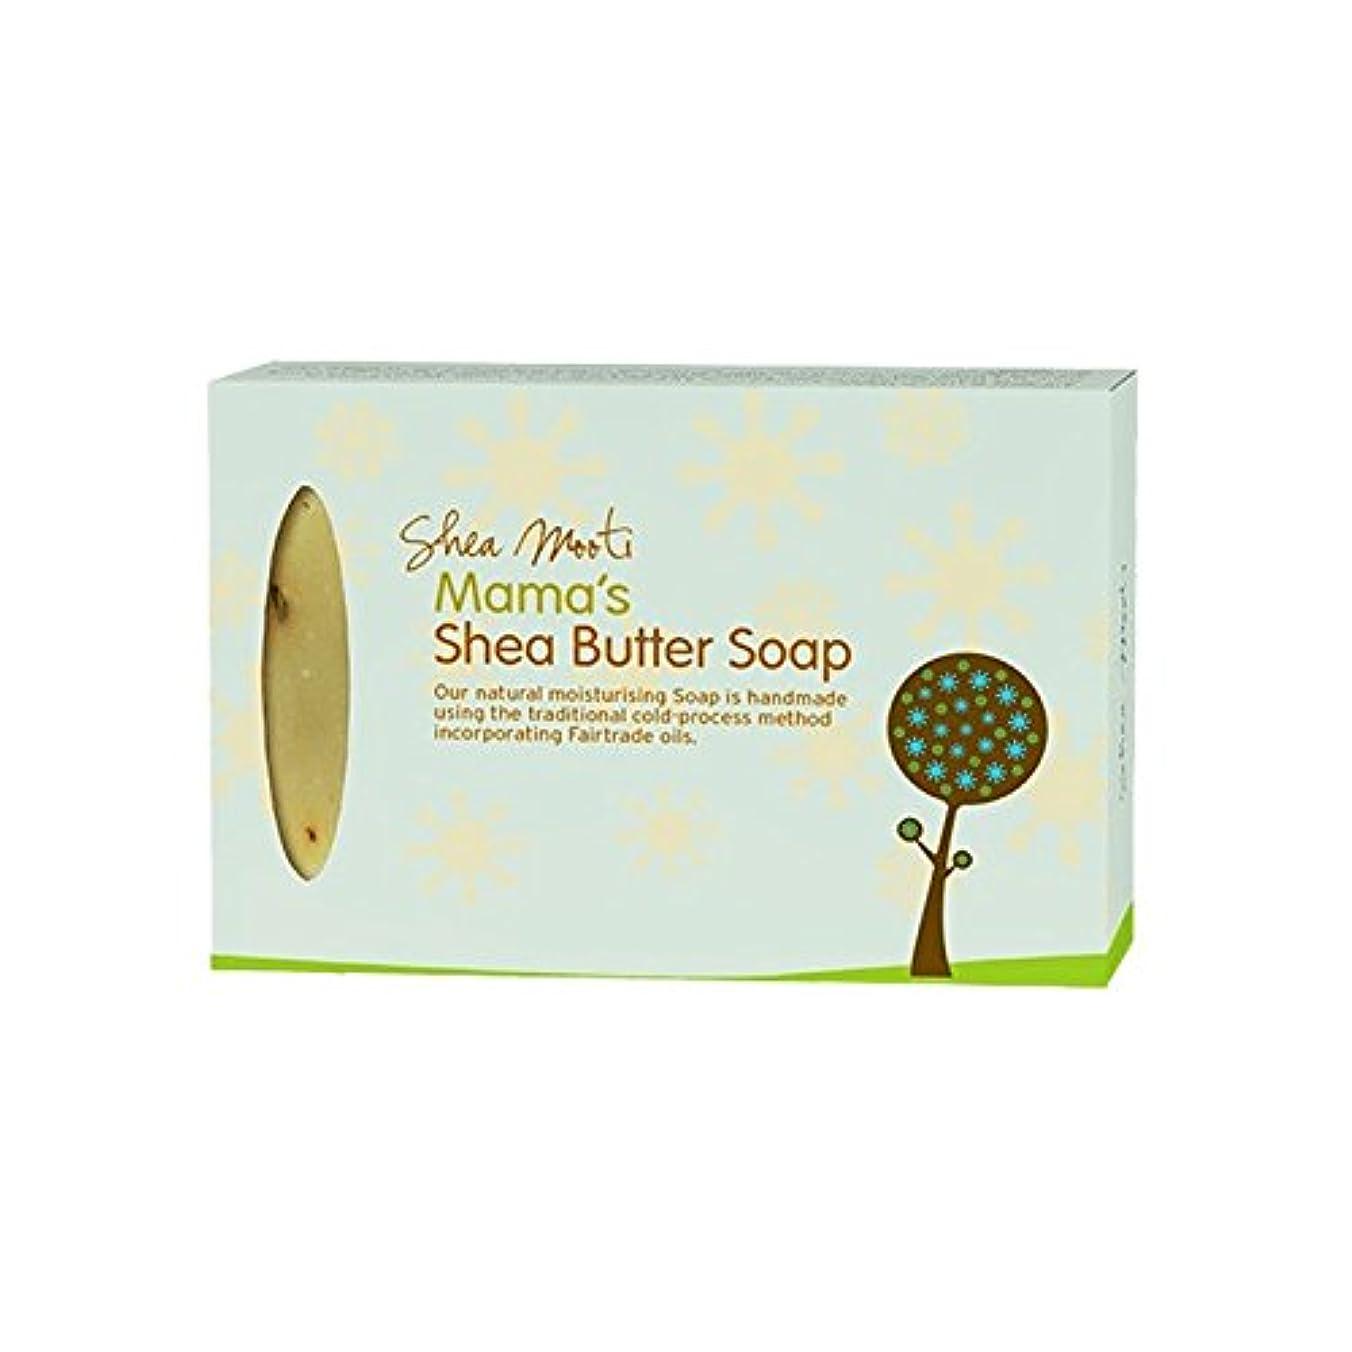 抽選請願者キャプションシアバターMootiママのシアバターソープ100グラム - Shea Mooti Mama's Shea Butter Soap 100g (Shea Mooti) [並行輸入品]